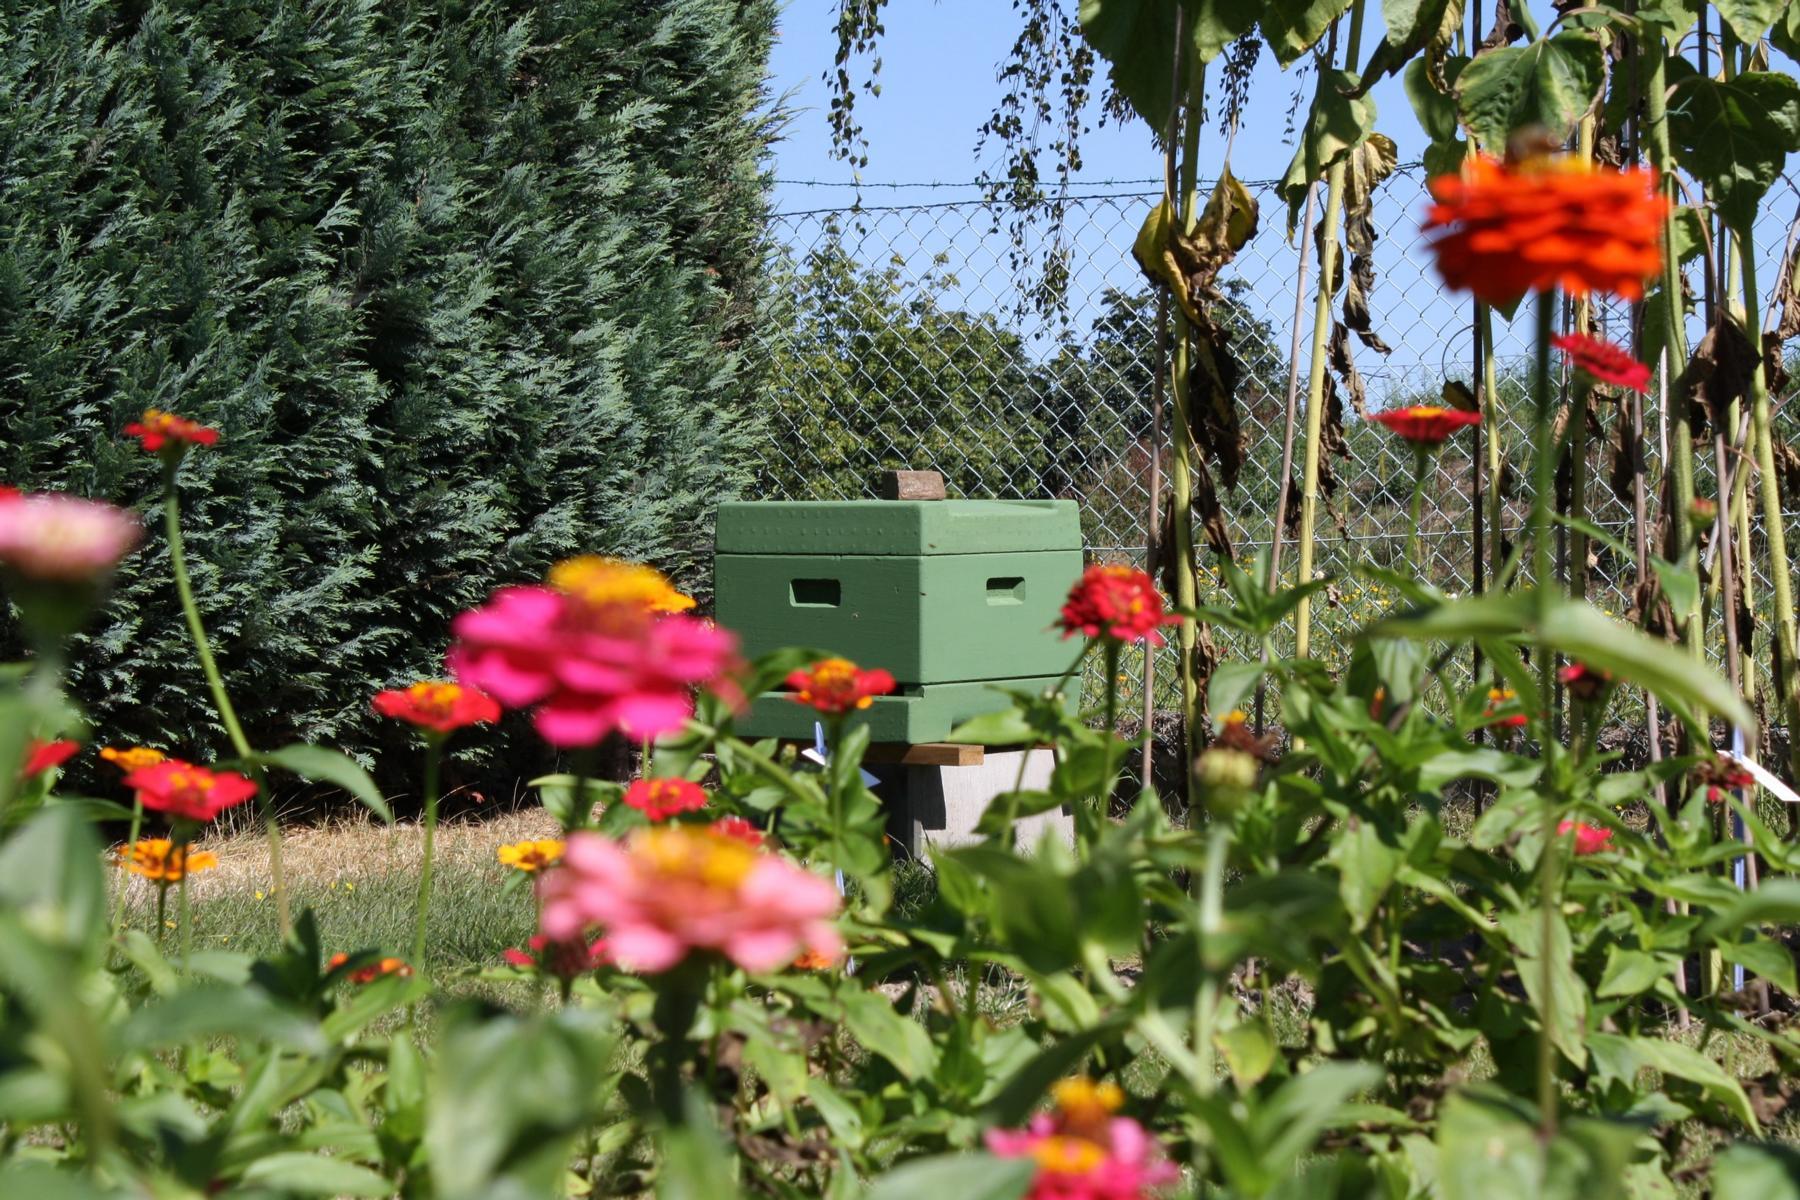 Bienenstock Bienen Bienensterben Bienenvolk Honig Flecke Saaten Handel GmbH FSH